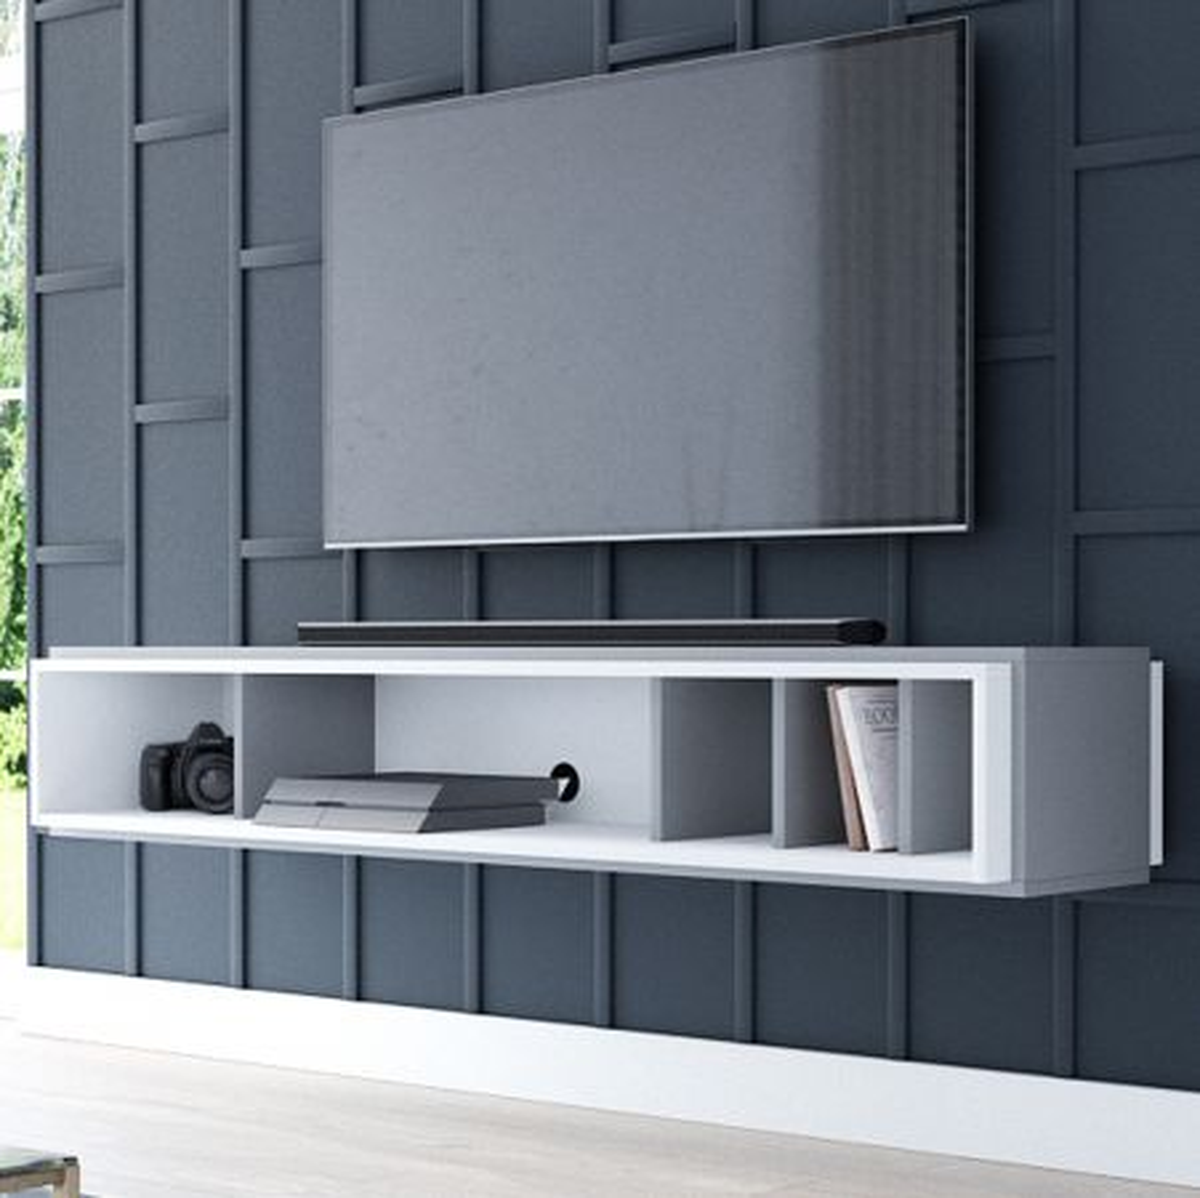 TV-Lowboard Amari in anthrazit und weiss hängend 153 cm